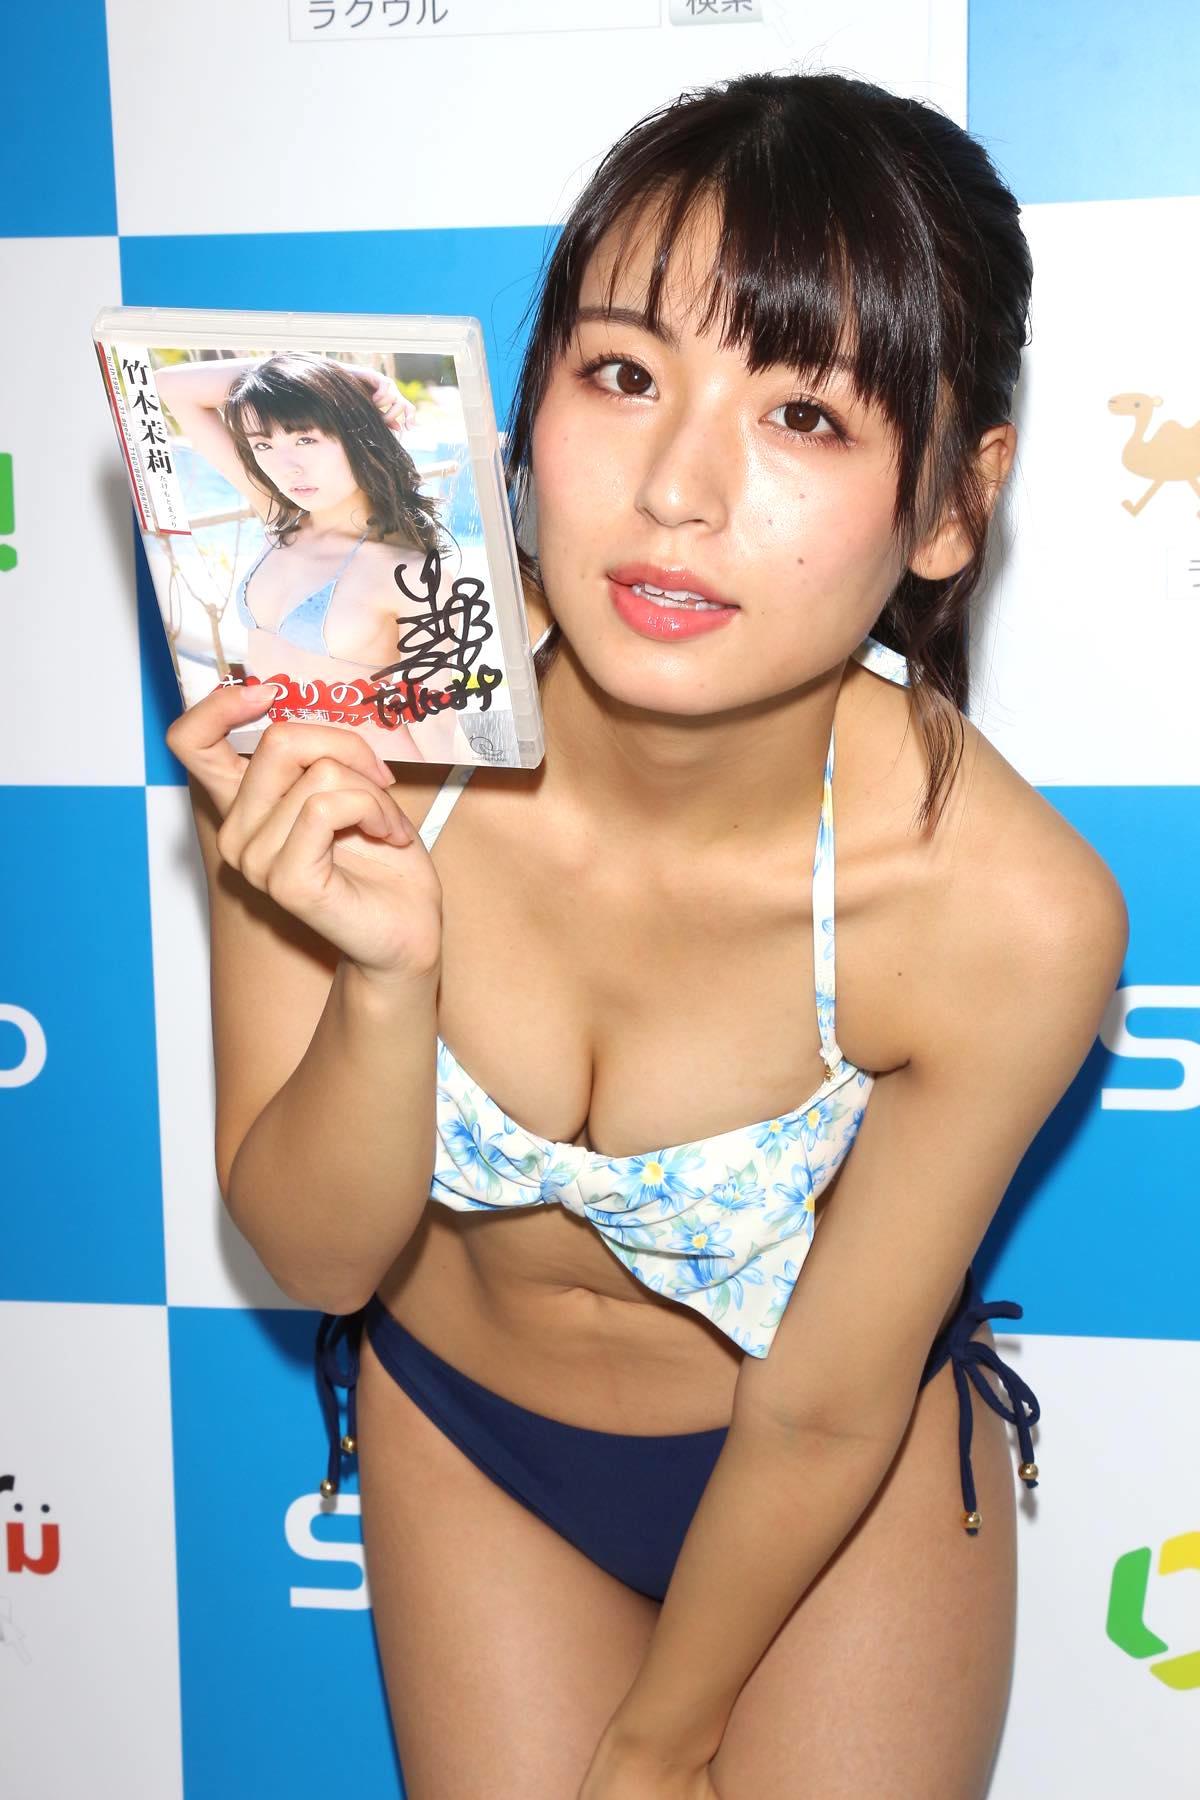 竹本茉莉「ハミ出てビックリ」最後のビキニ姿を大公開!【写真34枚】の画像031